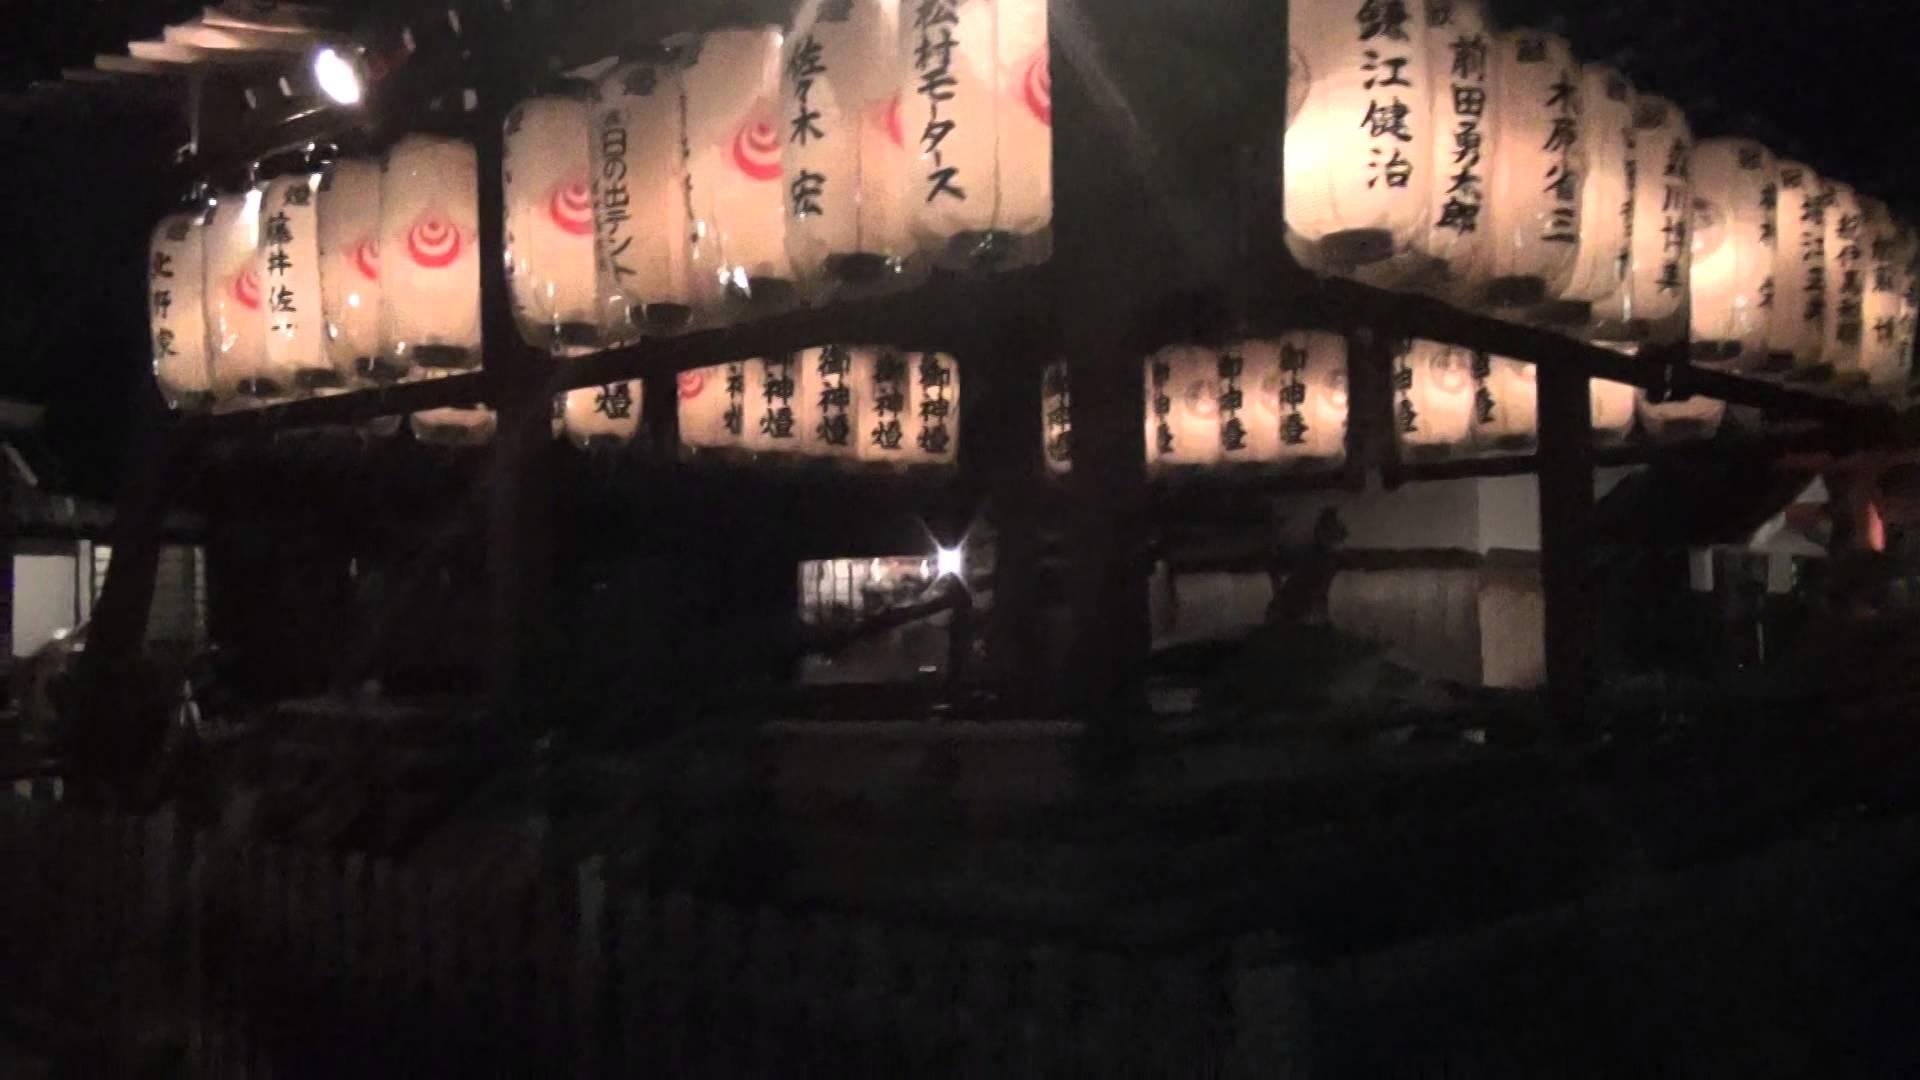 初詣編3 京都の「満足稲荷神社」で元旦3ヶ所目の初詣